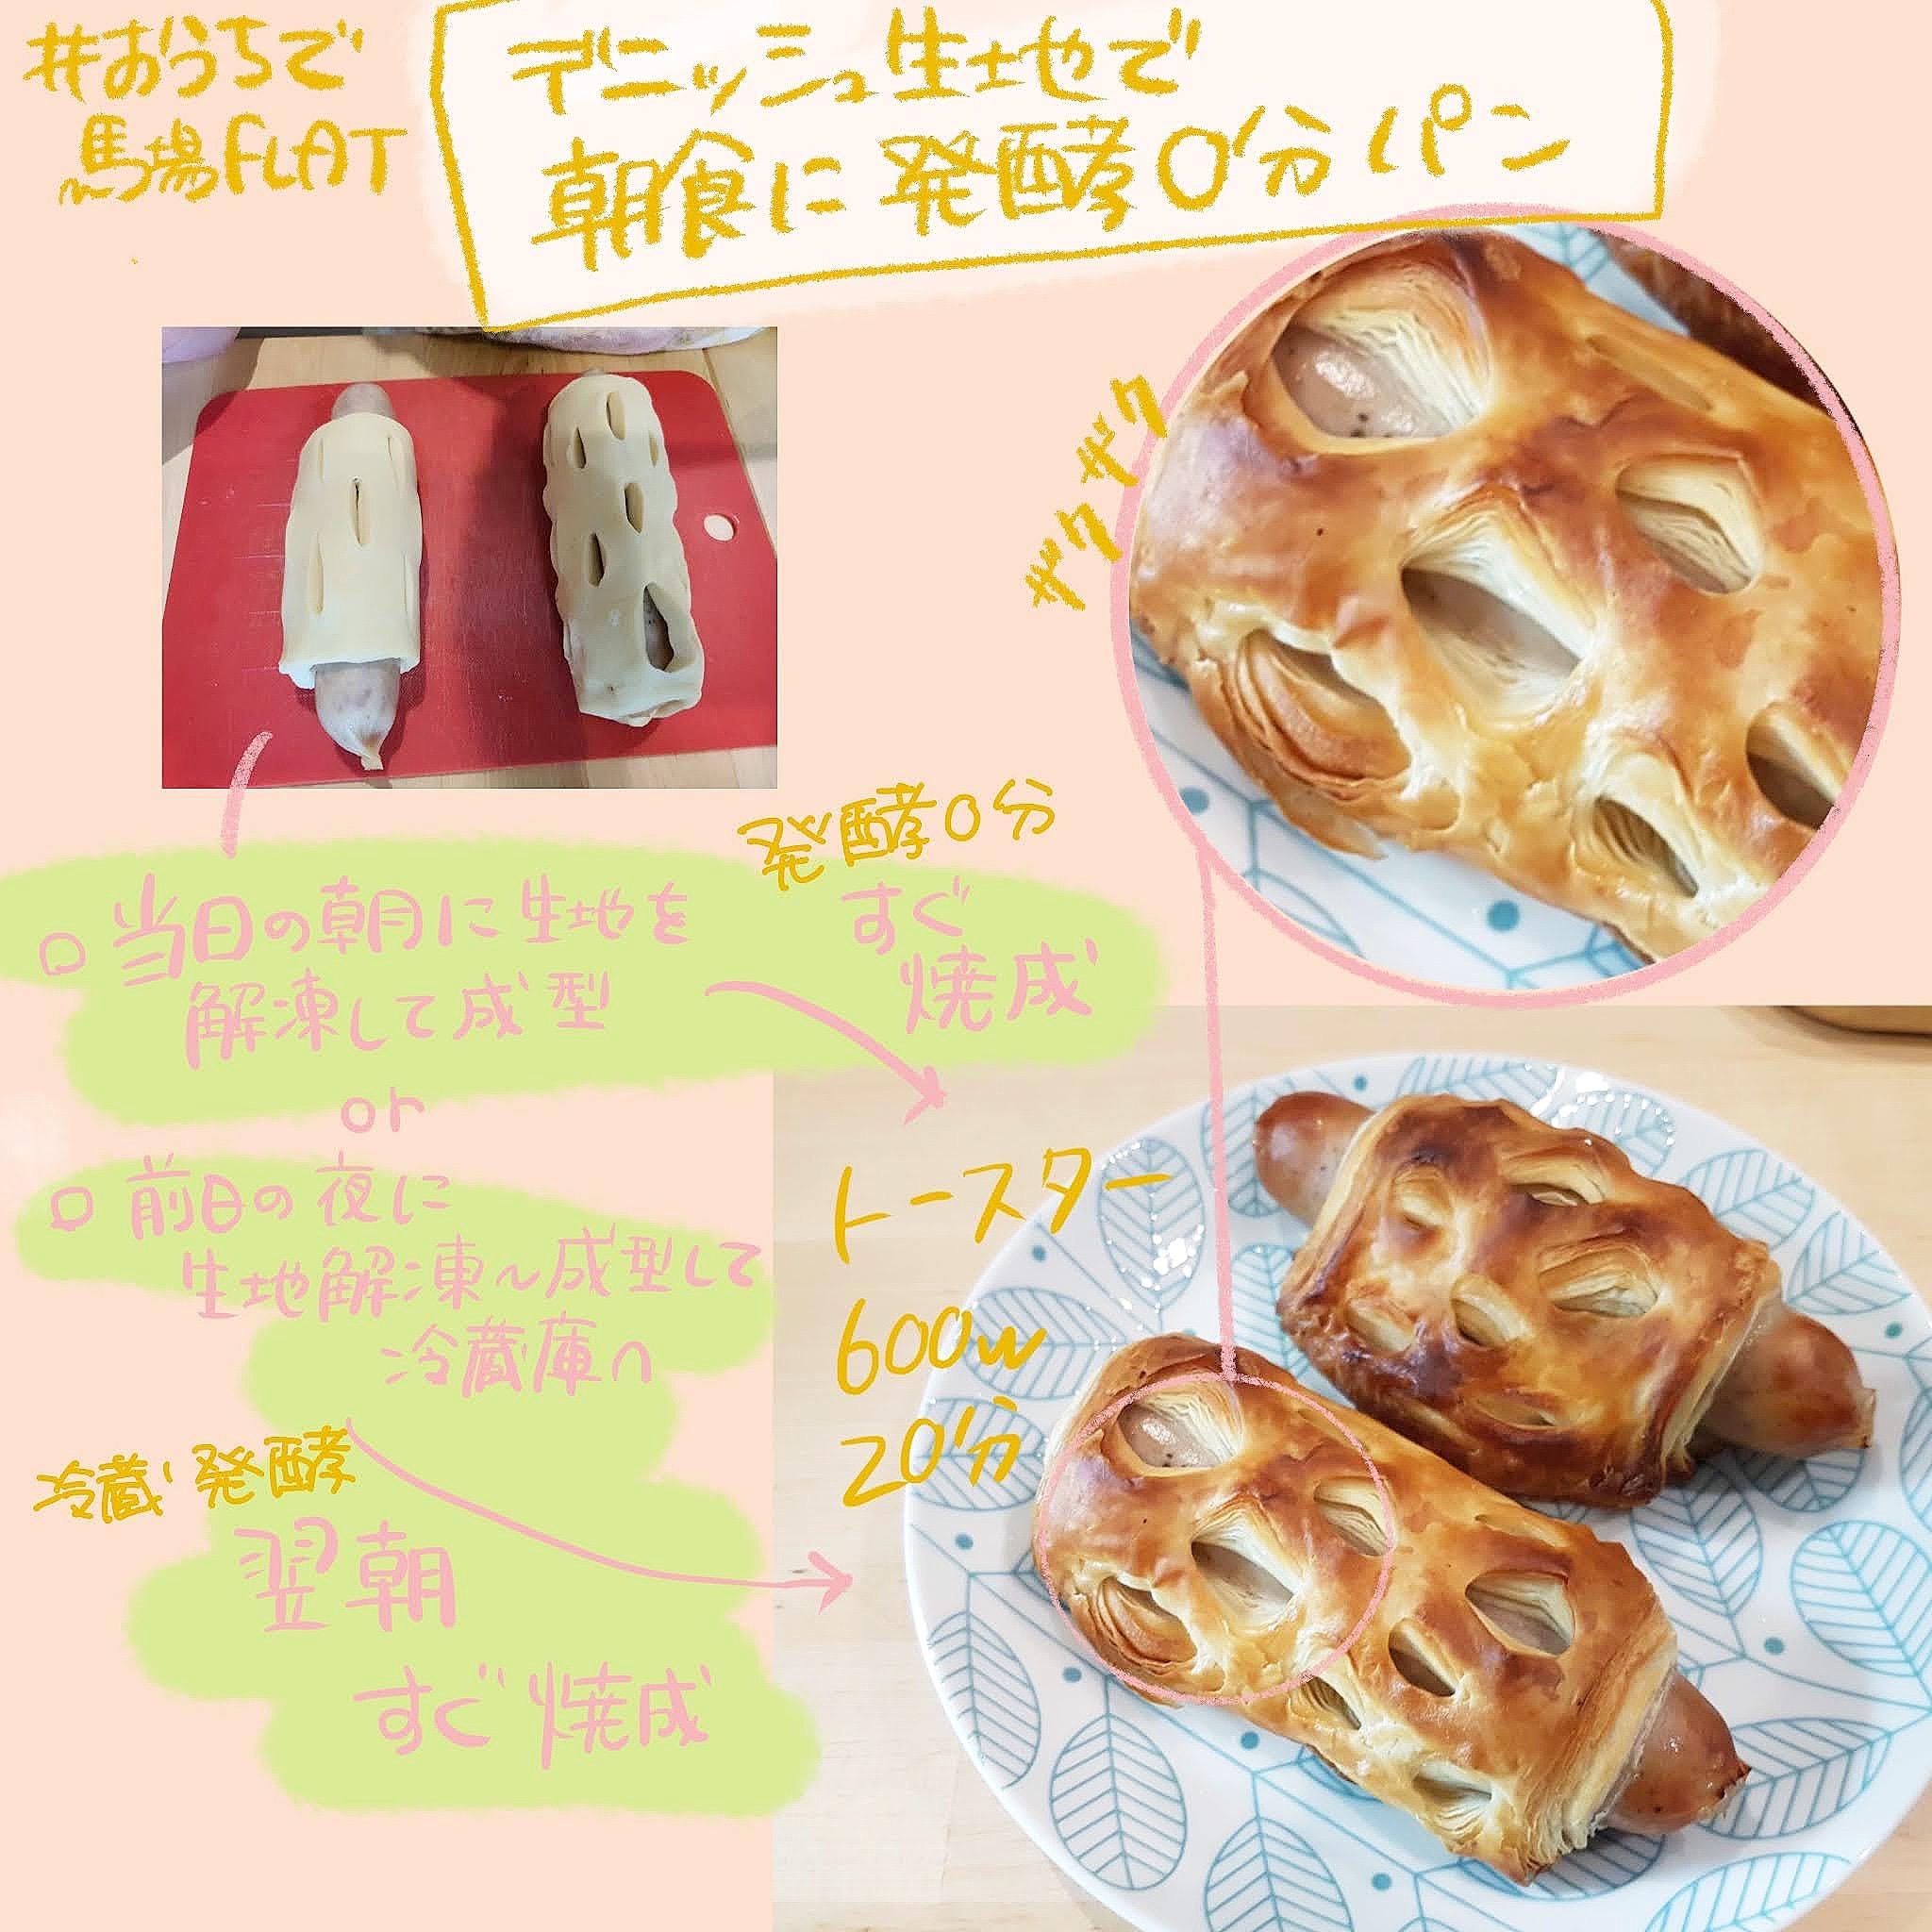 朝食に焼き立てのパンを食べる方法(デニッシュ編)